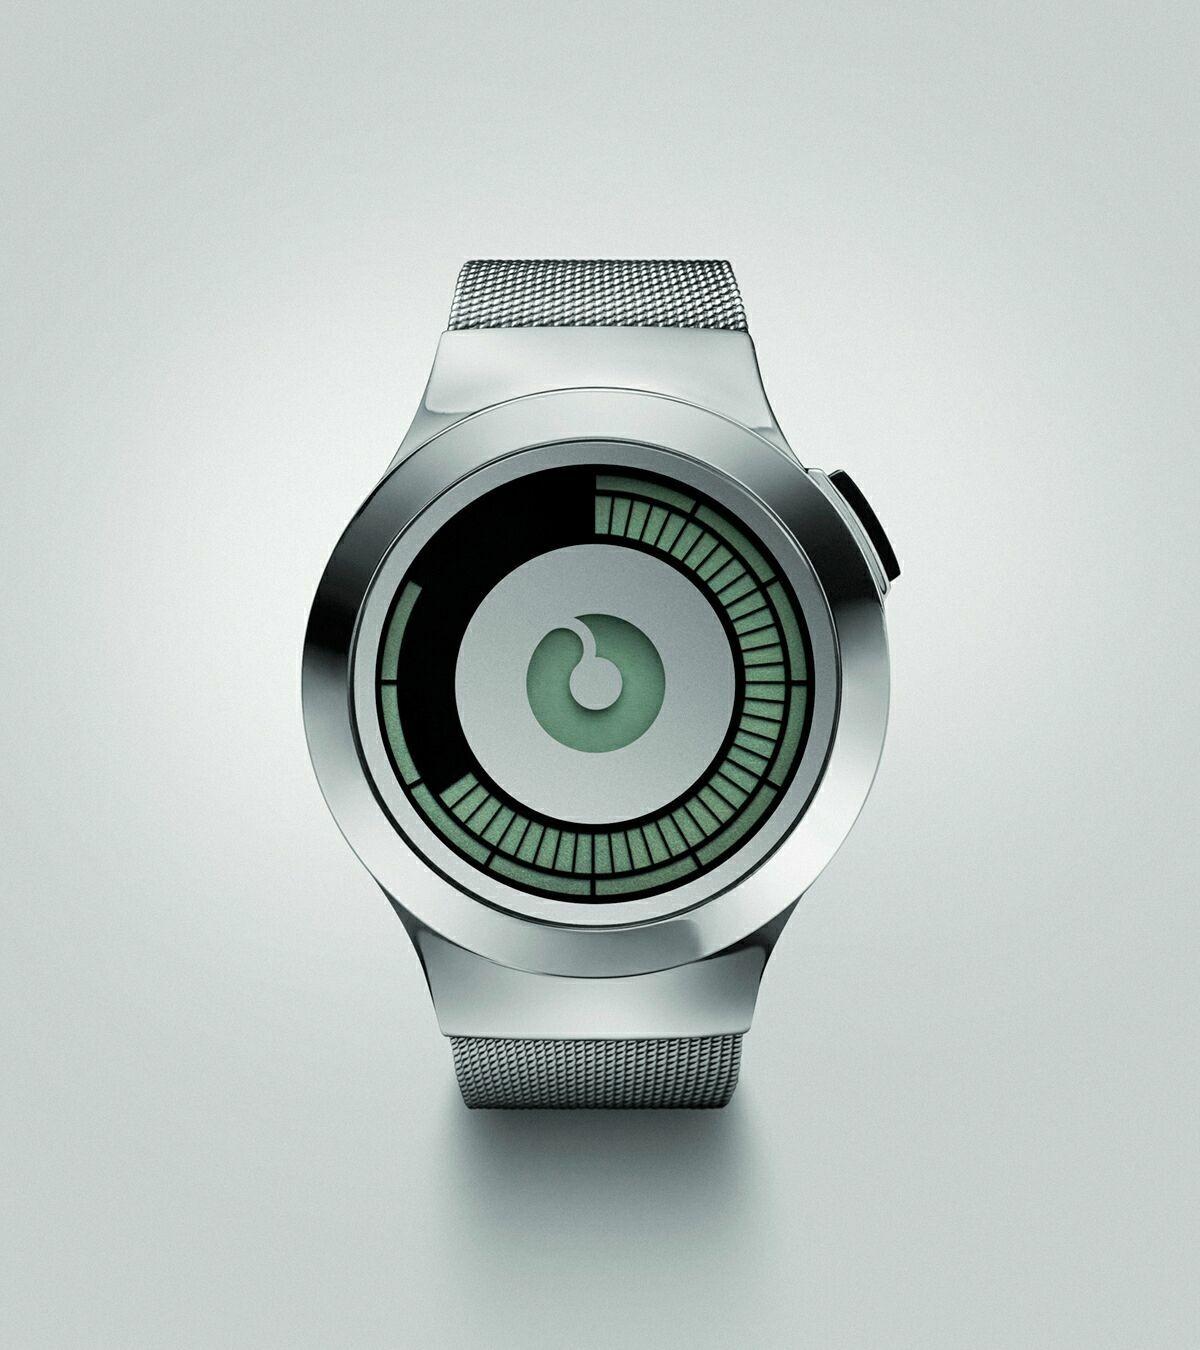 Наручные часы Ziiiro Saturn Glossy Chrome